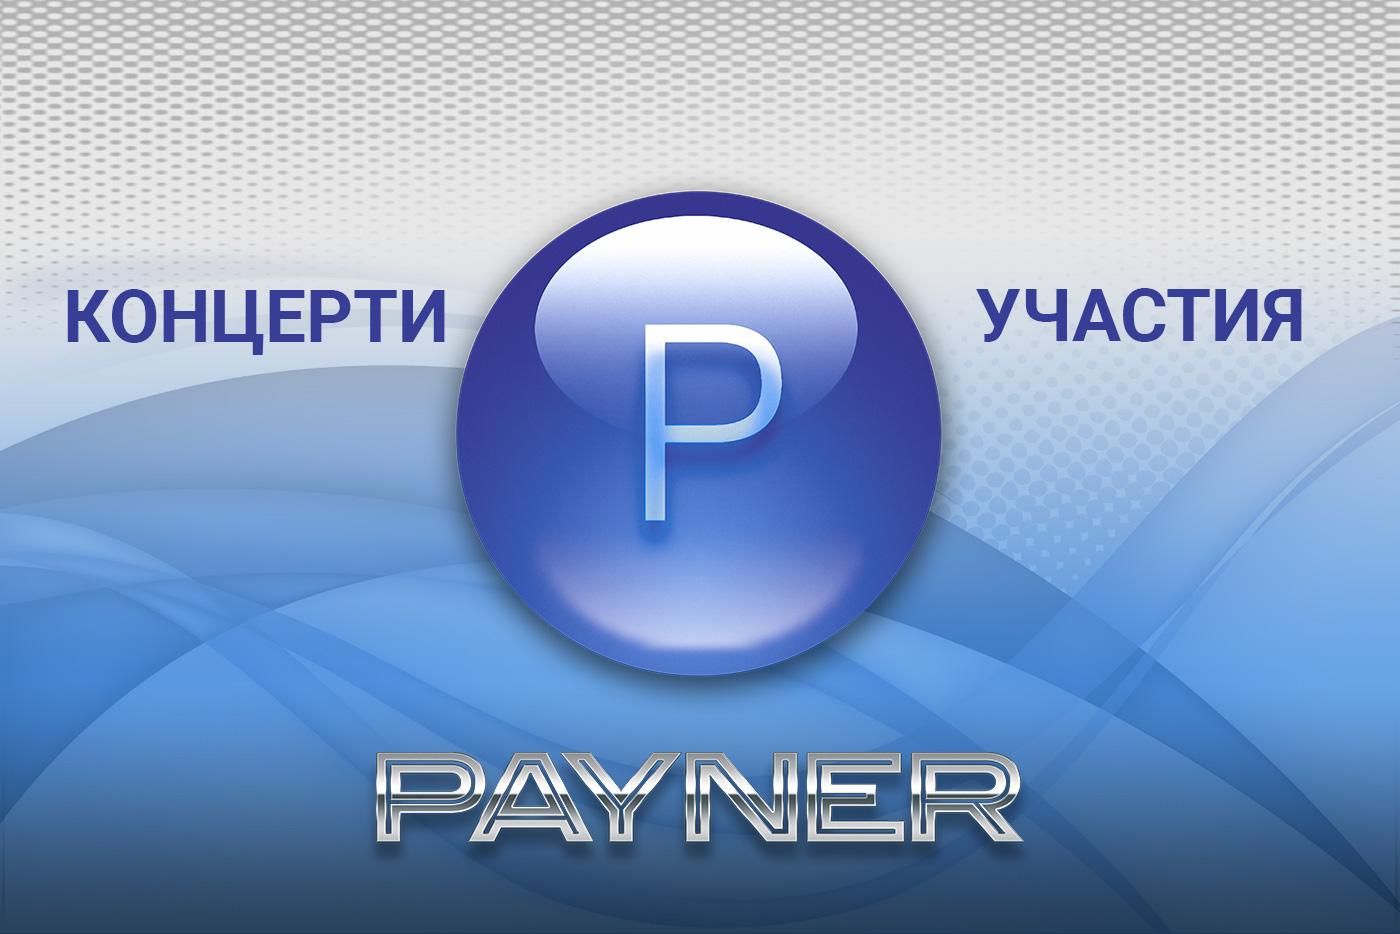 """Участия на звездите на """"Пайнер"""" на 10.12.2018"""